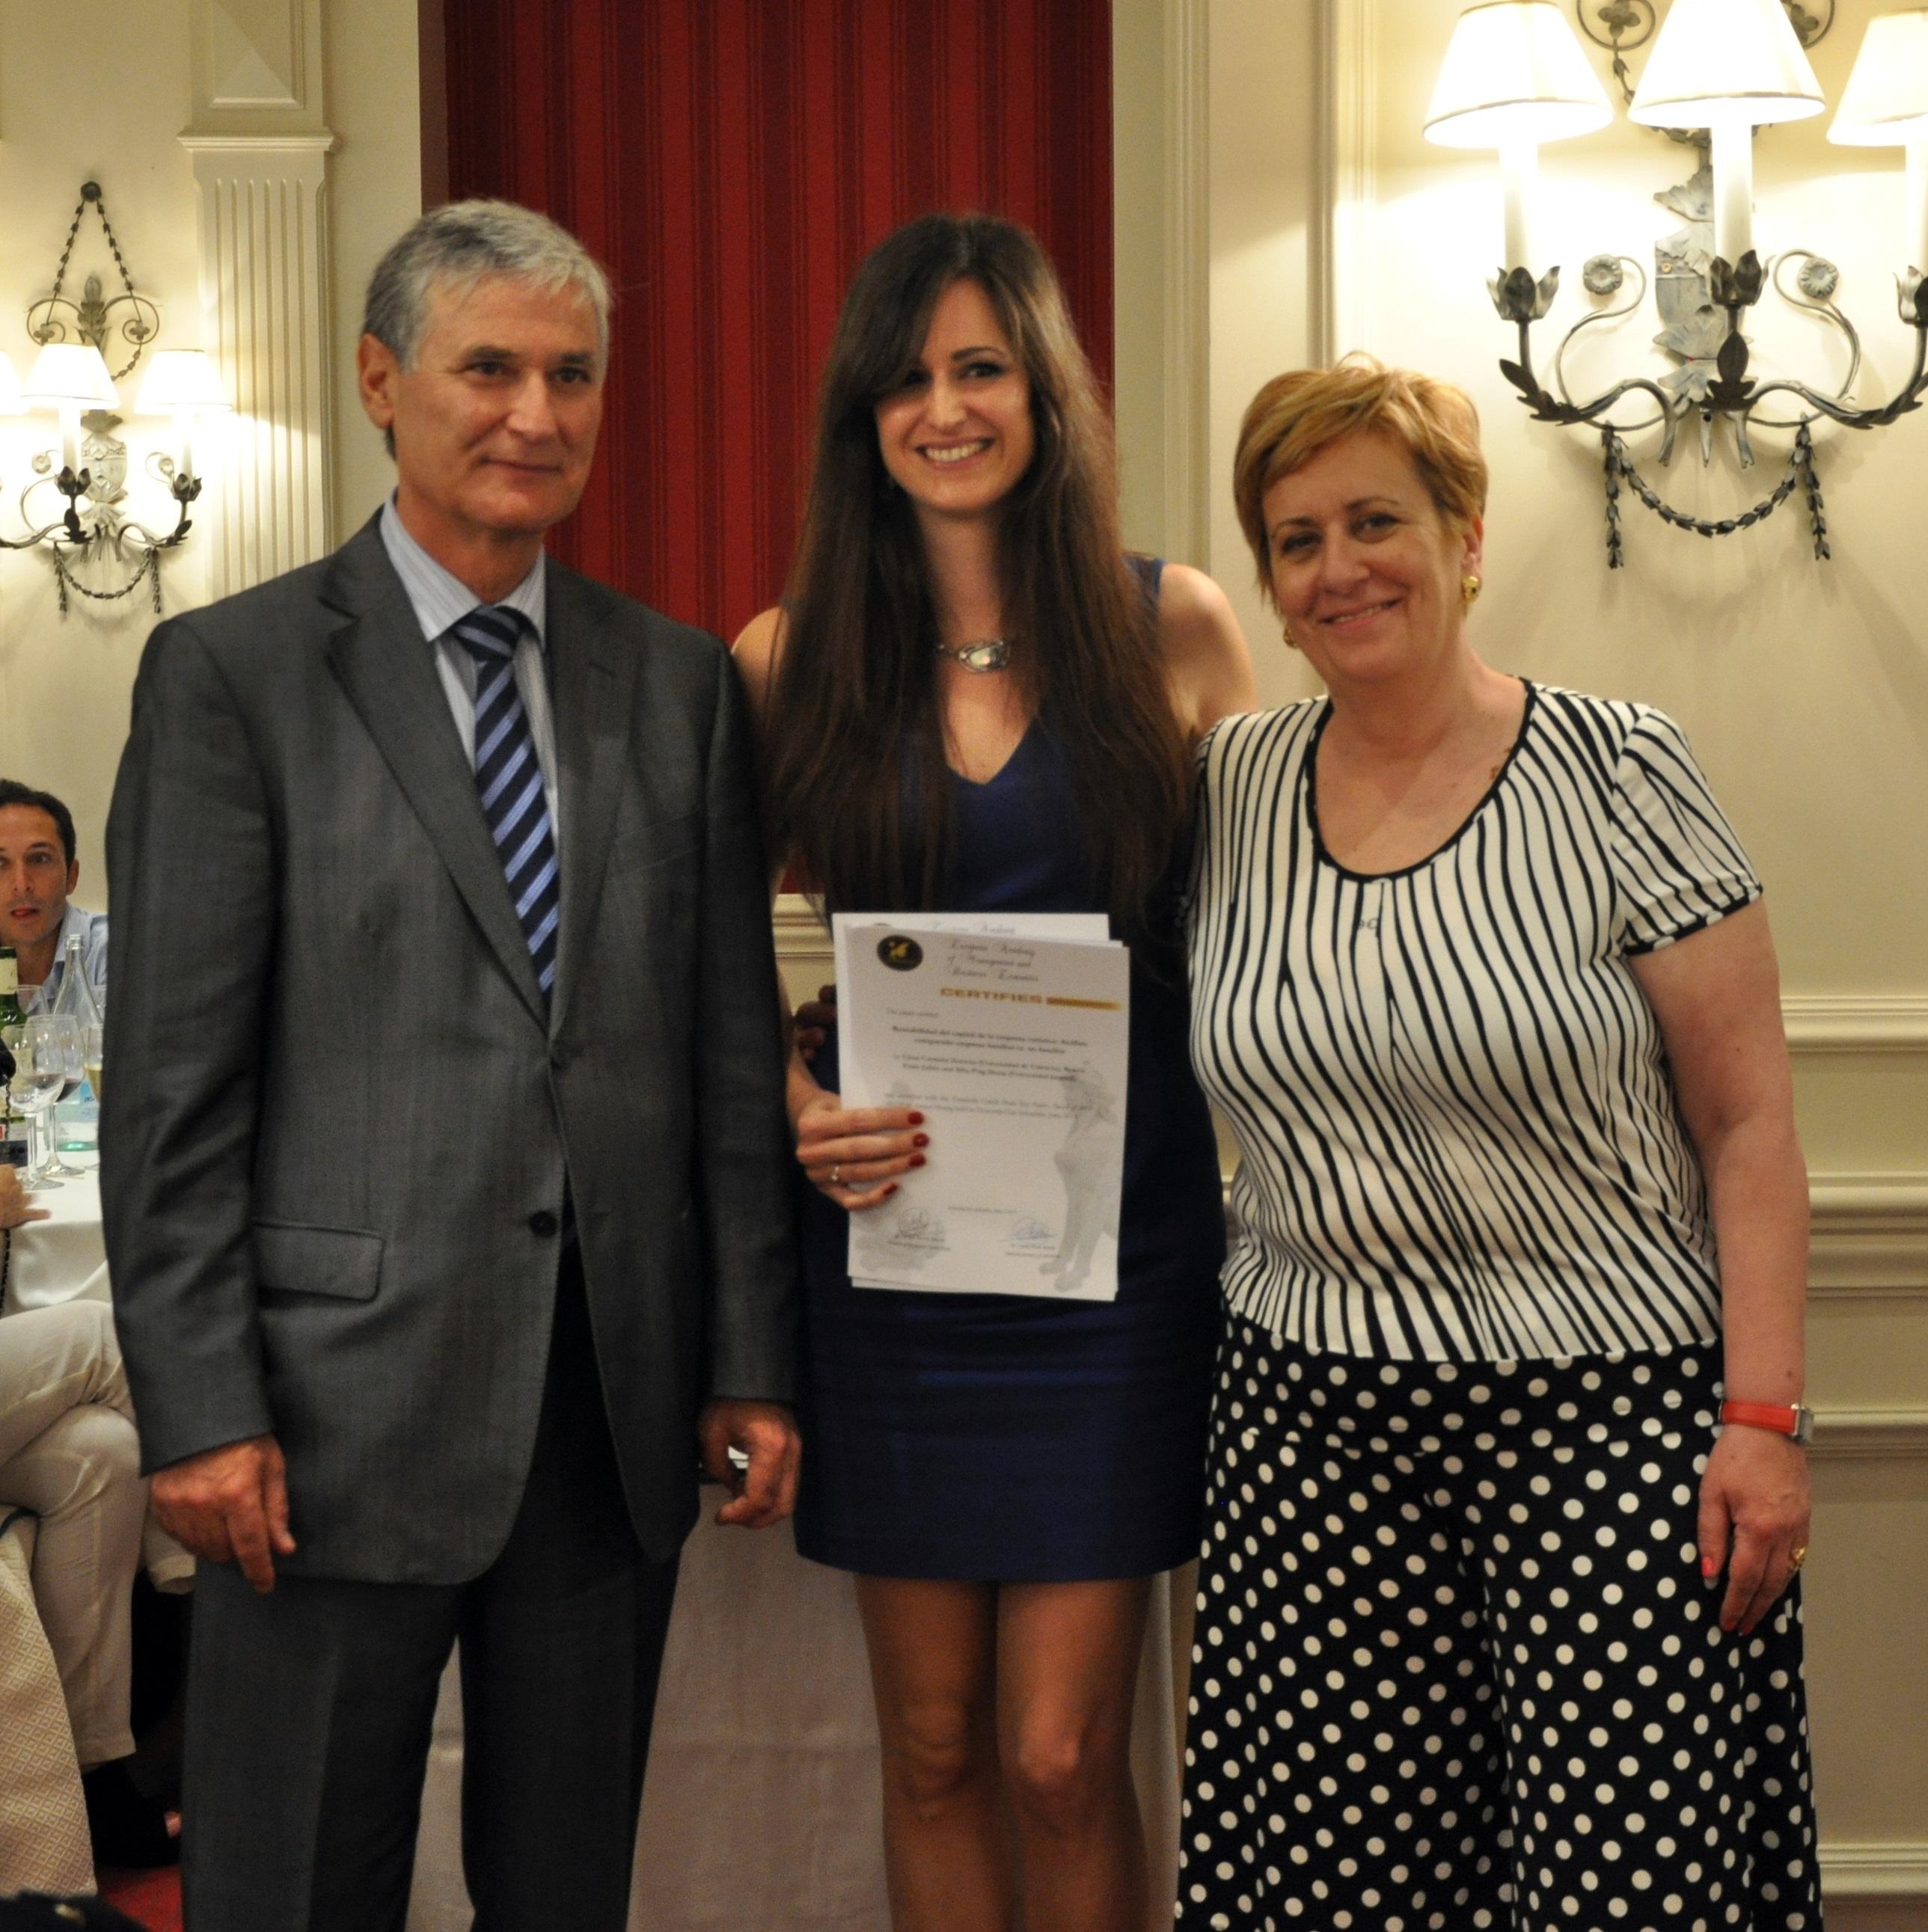 Premio a la mejor investigación del congreso XXIX de AEDEM